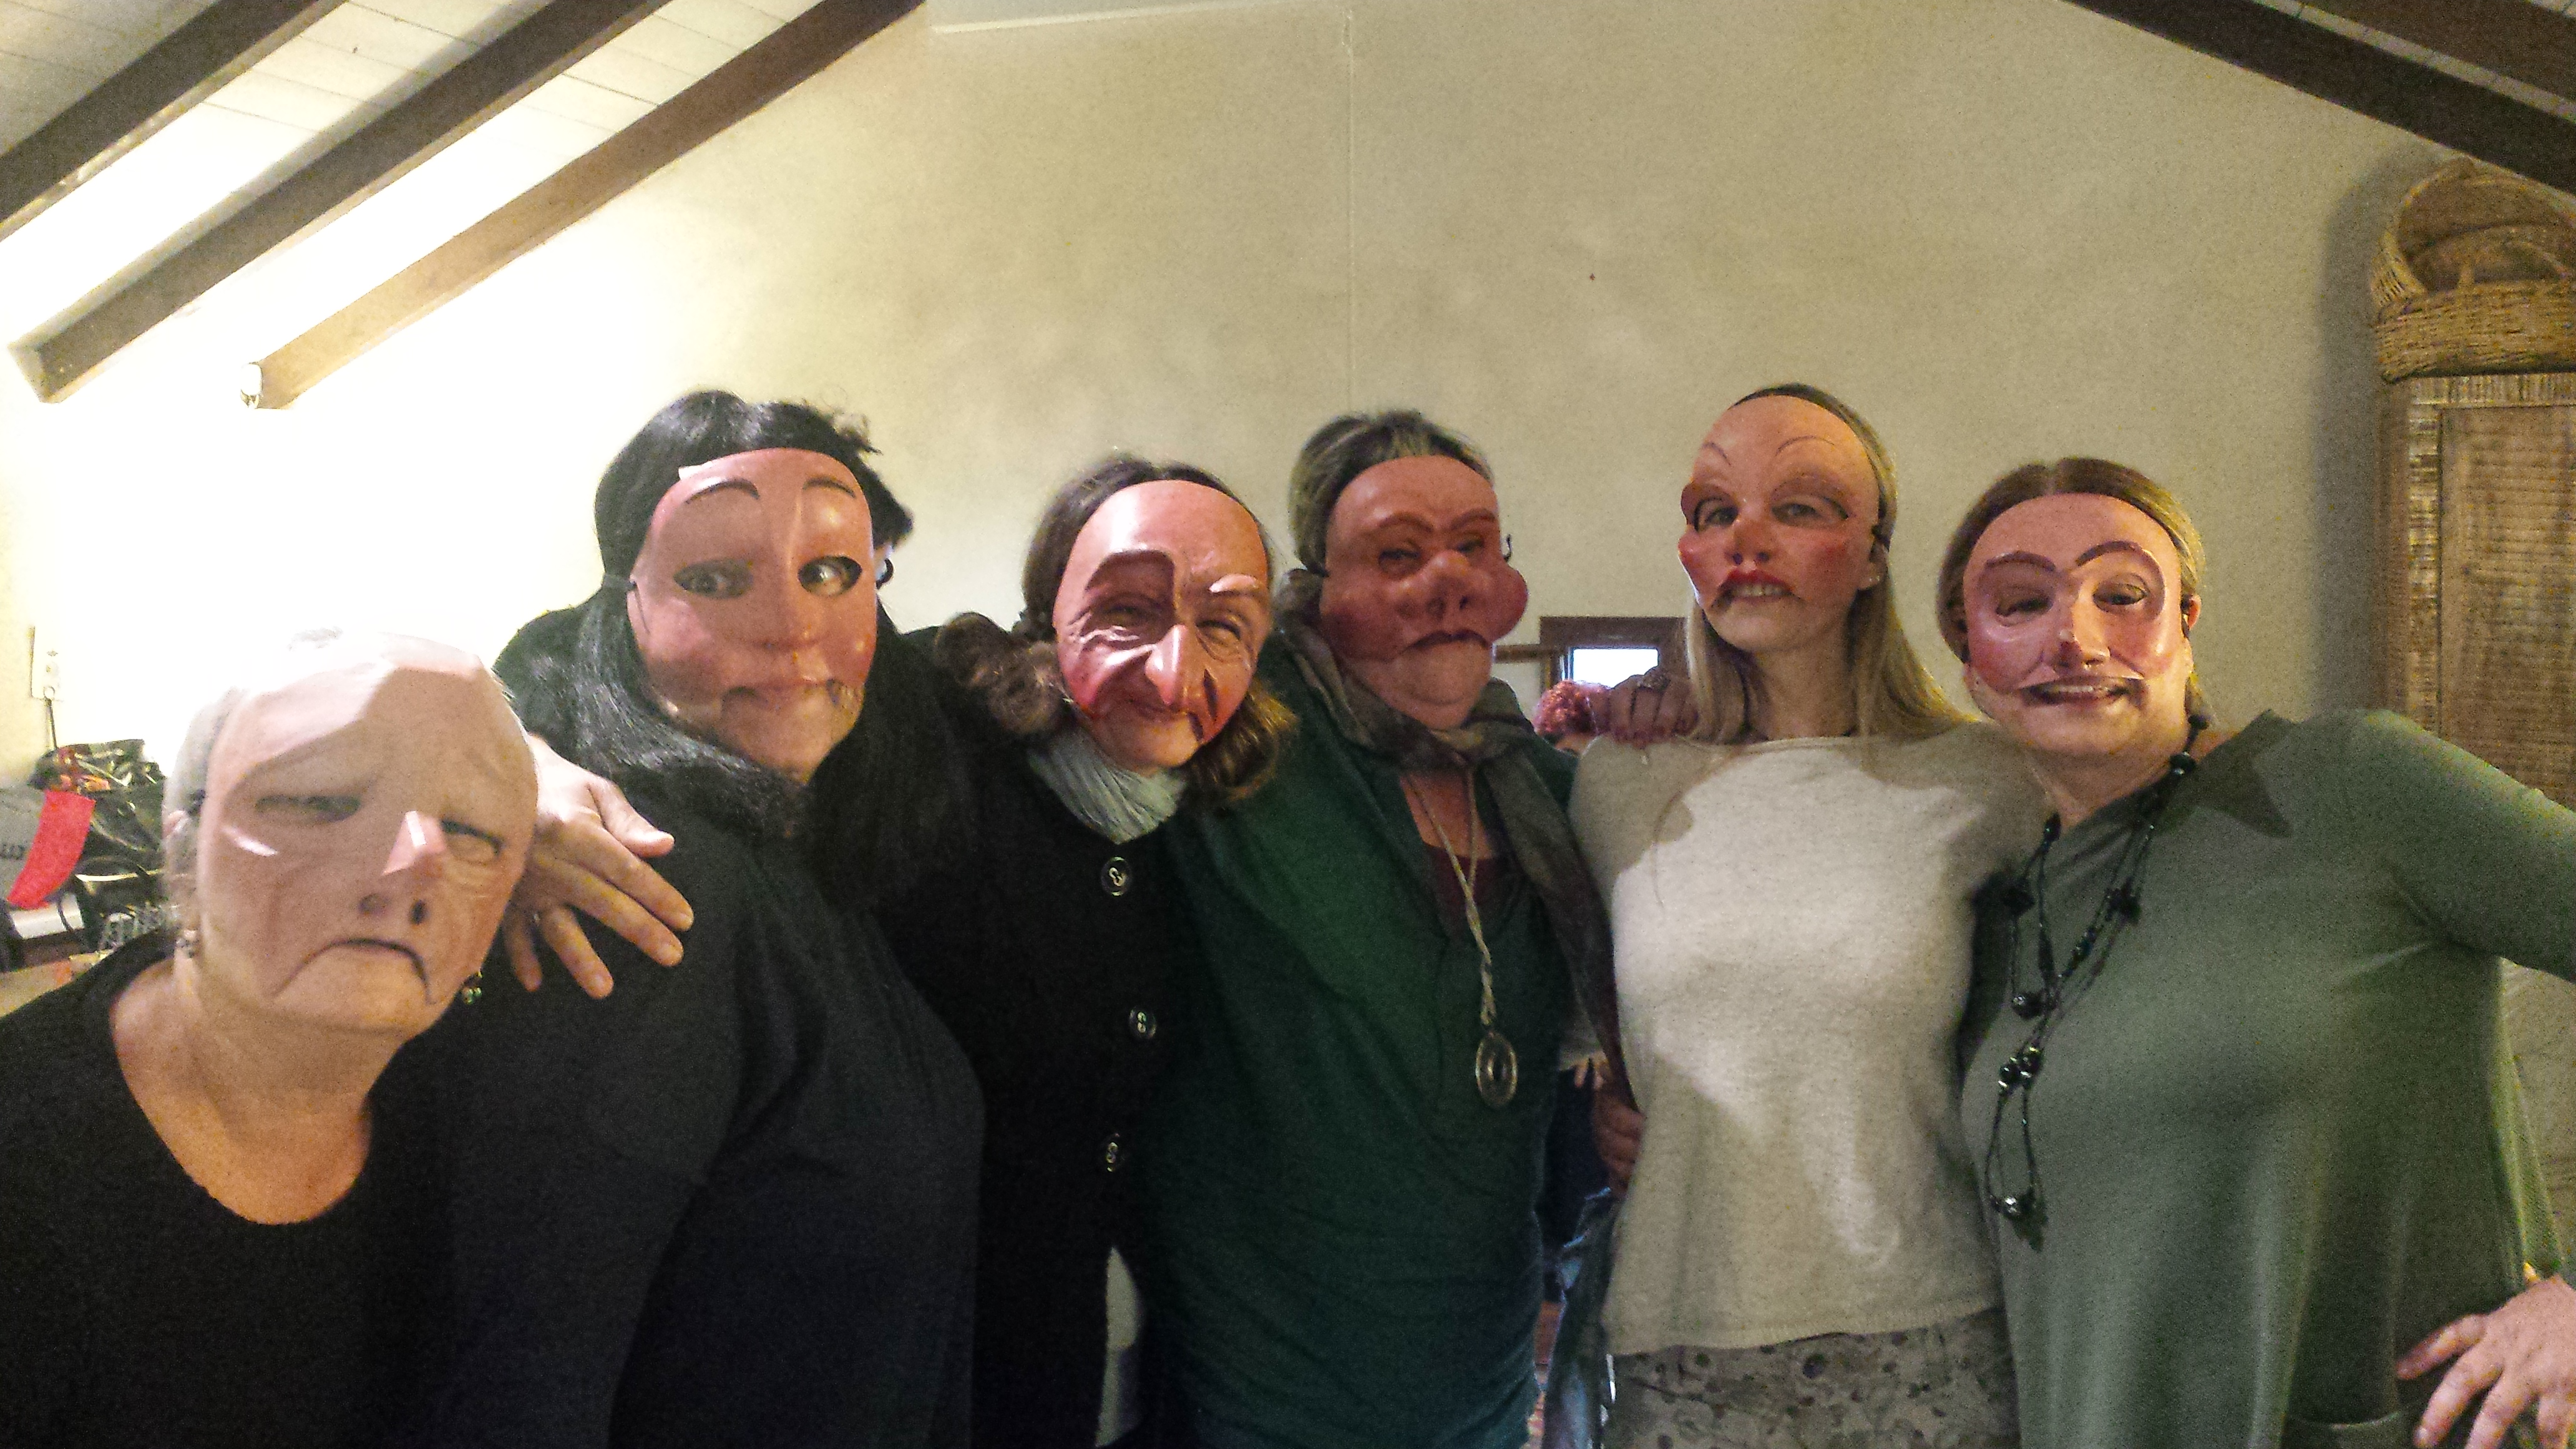 נשים מצולמות עם מסכות קומדיה דל'ארטה- מתוך הסדנה מאחורי המסכה- מנחה דליה סגל